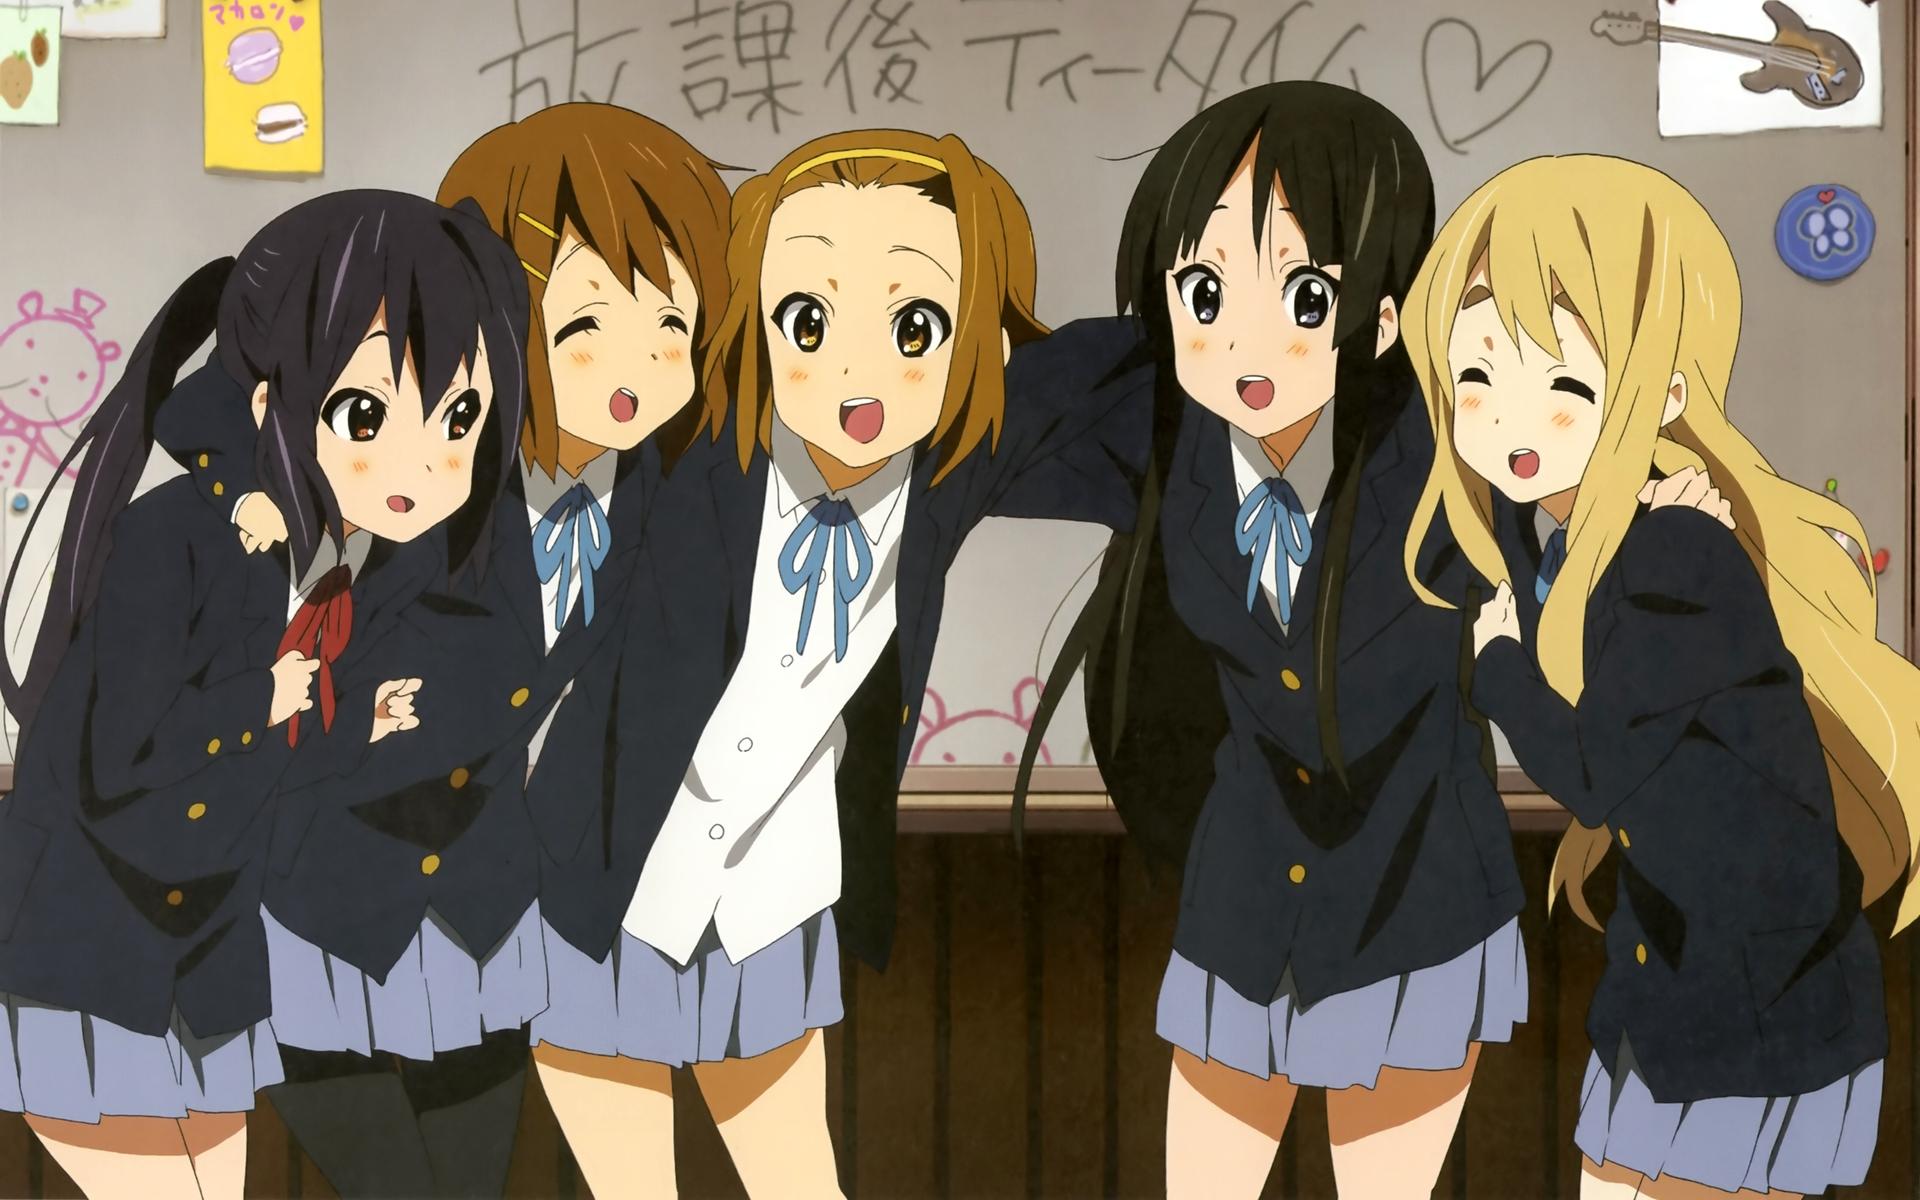 K-ON! (manga+anime) Konachan-com-80218-akiyama_mio-hirasawa_yui-k-on-kotobuki_tsumugi-nakano_azusa-tainaka_ritsu